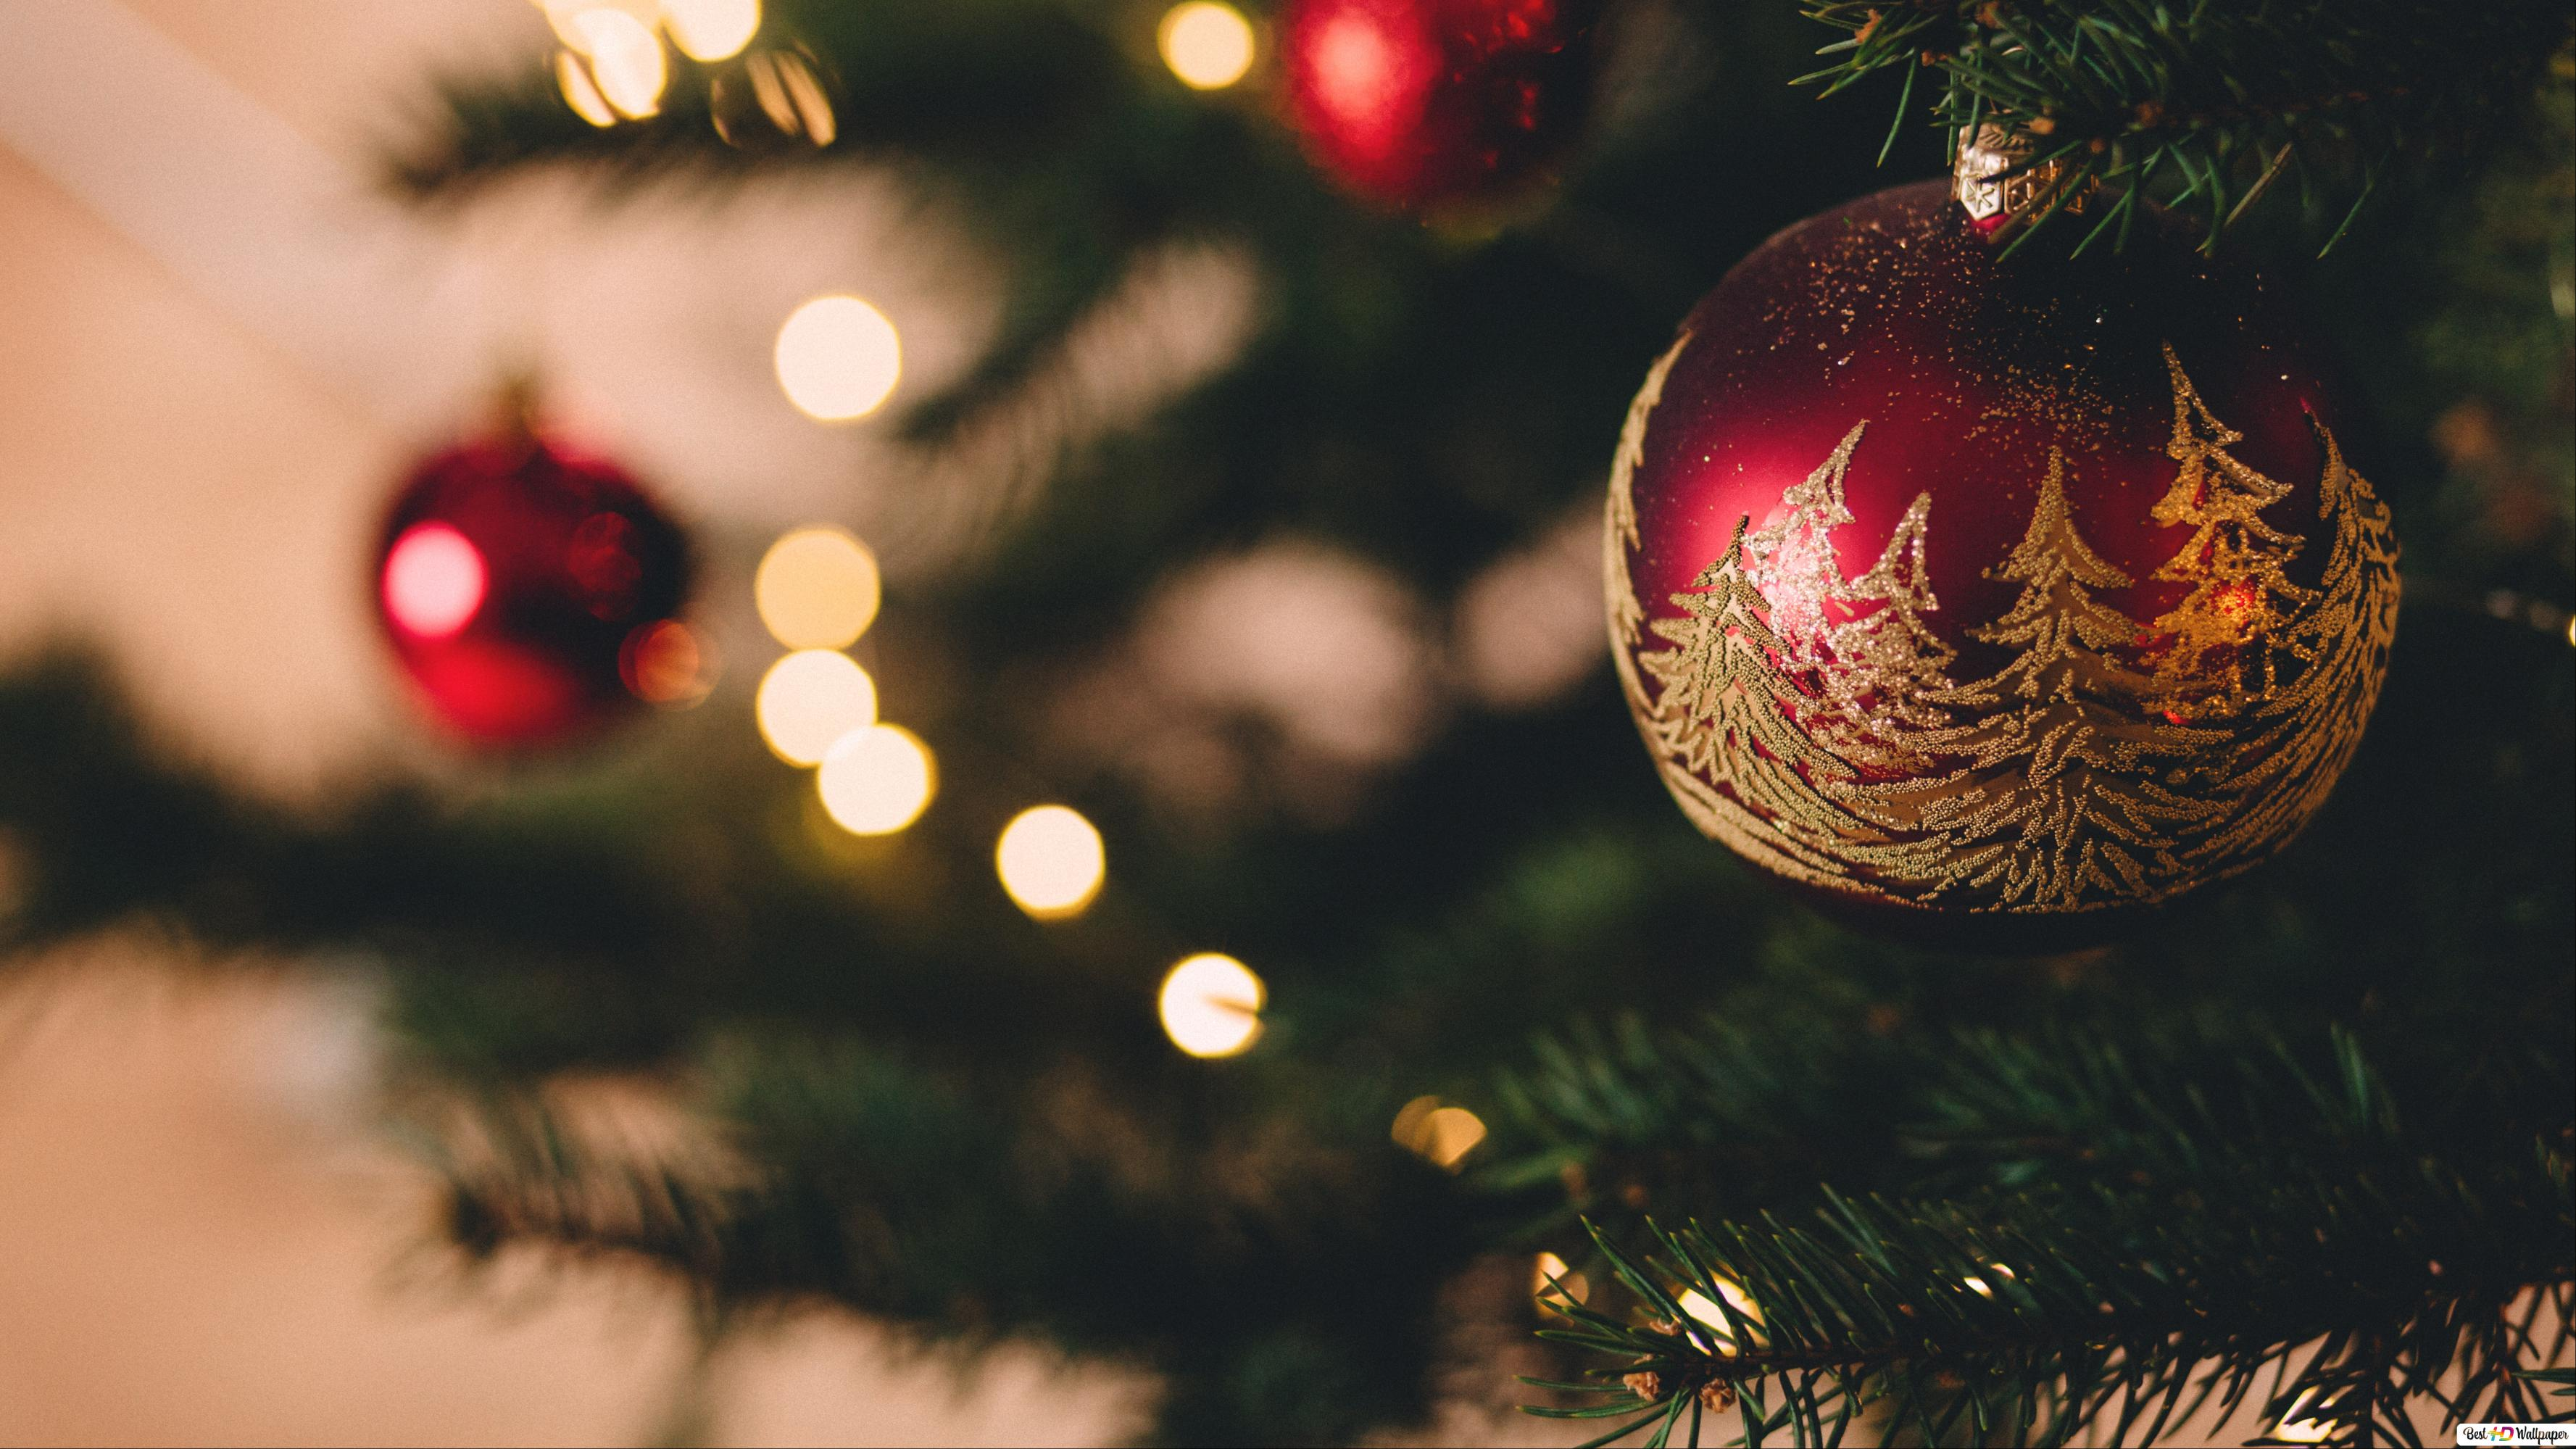 Albero Di Natale Hd.Decorazione Dell Albero Di Natale Download Di Sfondi Hd